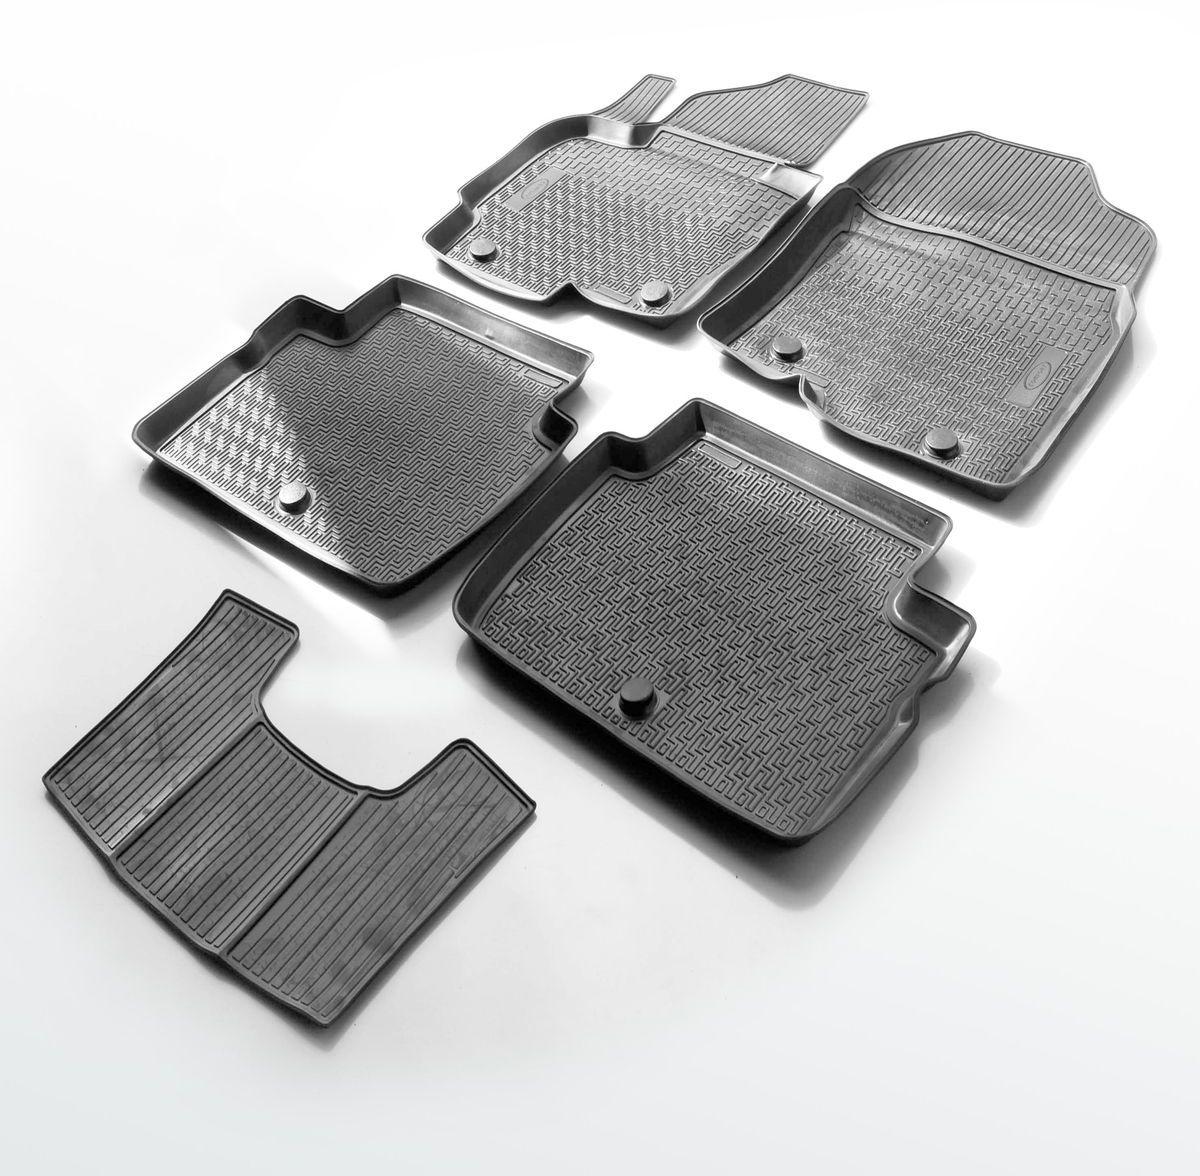 Коврики салона Rival для Nissan Qashqai (кроме Российской сборки) 2014-2015, c перемычкой, полиуретан21395599Прочные и долговечные коврики Rival в салон автомобиля, изготовлены из высококачественного и экологичного сырья, полностью повторяют геометрию салона вашего автомобиля.- Надежная система крепления, позволяющая закрепить коврик на штатные элементы фиксации, в результате чего отсутствует эффект скольжения по салону автомобиля.- Высокая стойкость поверхности к стиранию.- Специализированный рисунок и высокий борт, препятствующие распространению грязи и жидкости по поверхности коврика.- Перемычка задних ковриков в комплекте предотвращает загрязнение тоннеля карданного вала.- Произведены из первичных материалов, в результате чего отсутствует неприятный запах в салоне автомобиля.- Высокая эластичность, можно беспрепятственно эксплуатировать при температуре от -45 ?C до +45 ?C.Уважаемые клиенты!Обращаем ваше внимание,что коврики имеет формусоответствующую модели данного автомобиля. Фото служит для визуального восприятия товара.